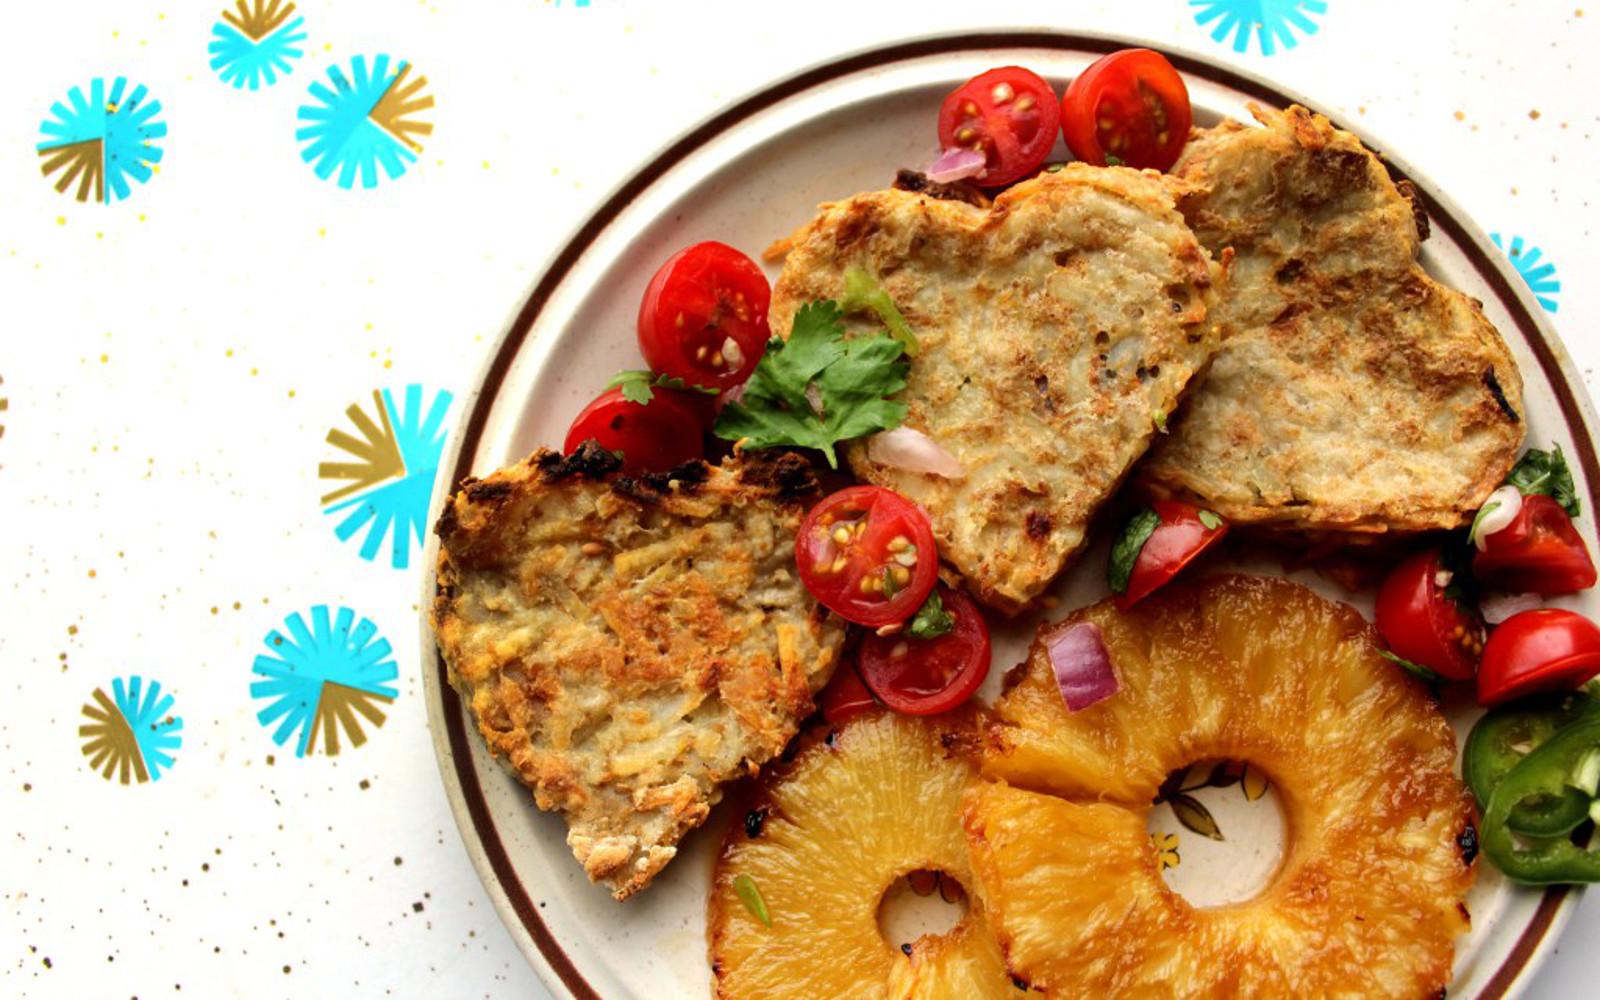 Vegan Pico Pineapple Potato Pancakes with fresh tomatoes